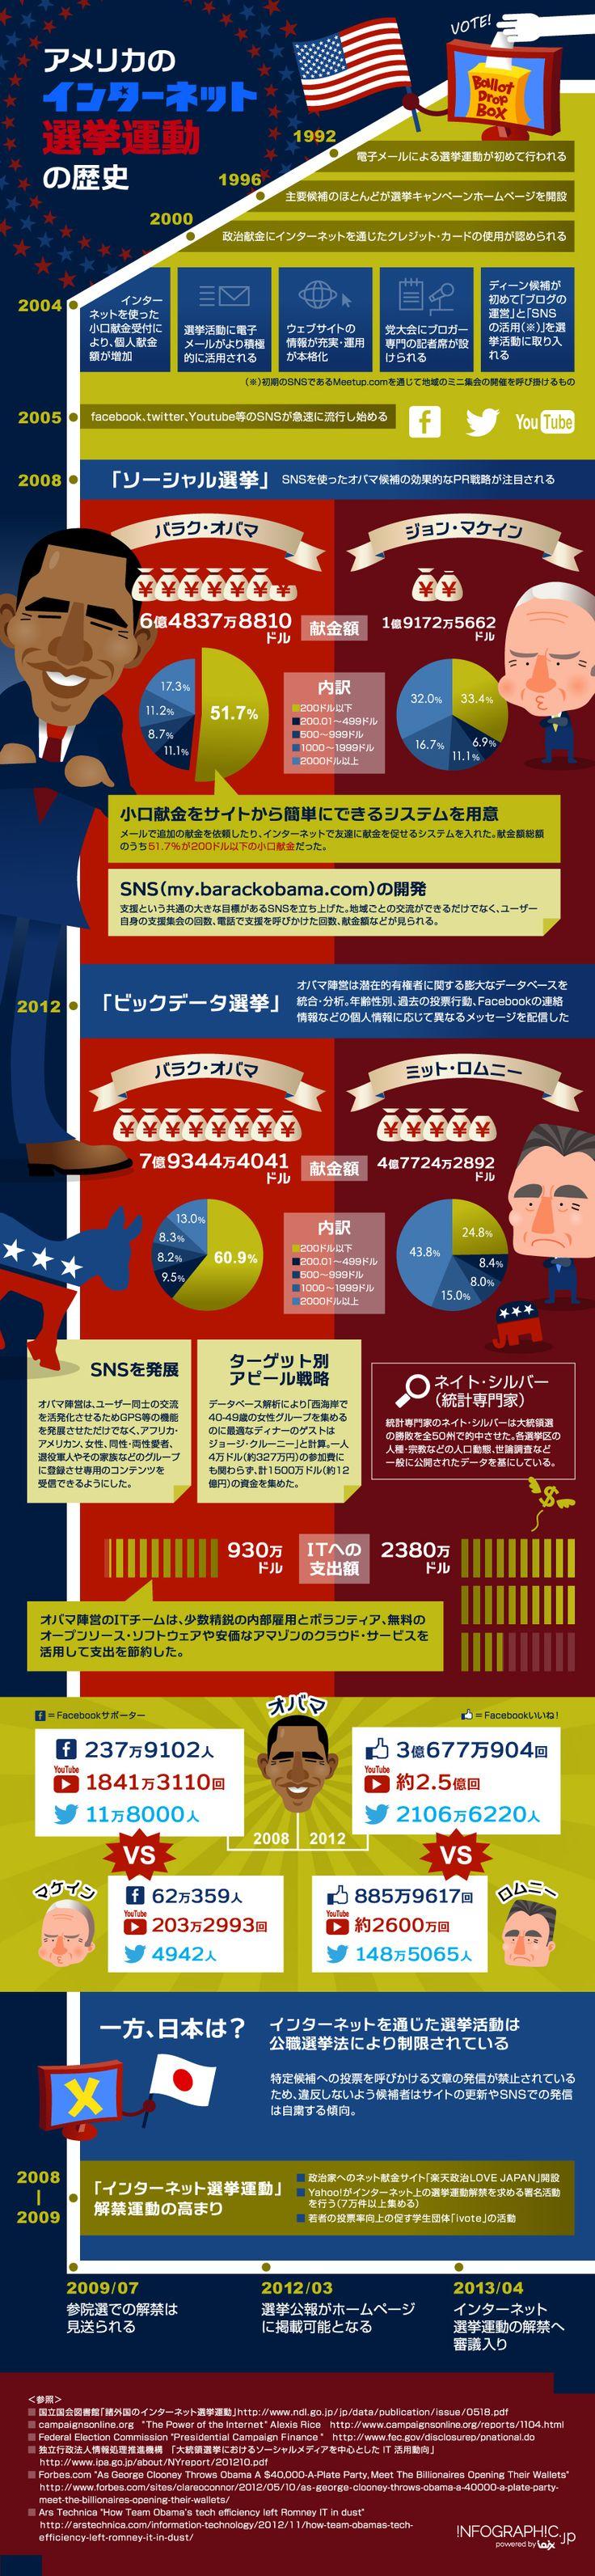 米国のネット選挙運動の歴史をまとめたインフォグラフィック   SEO Japan